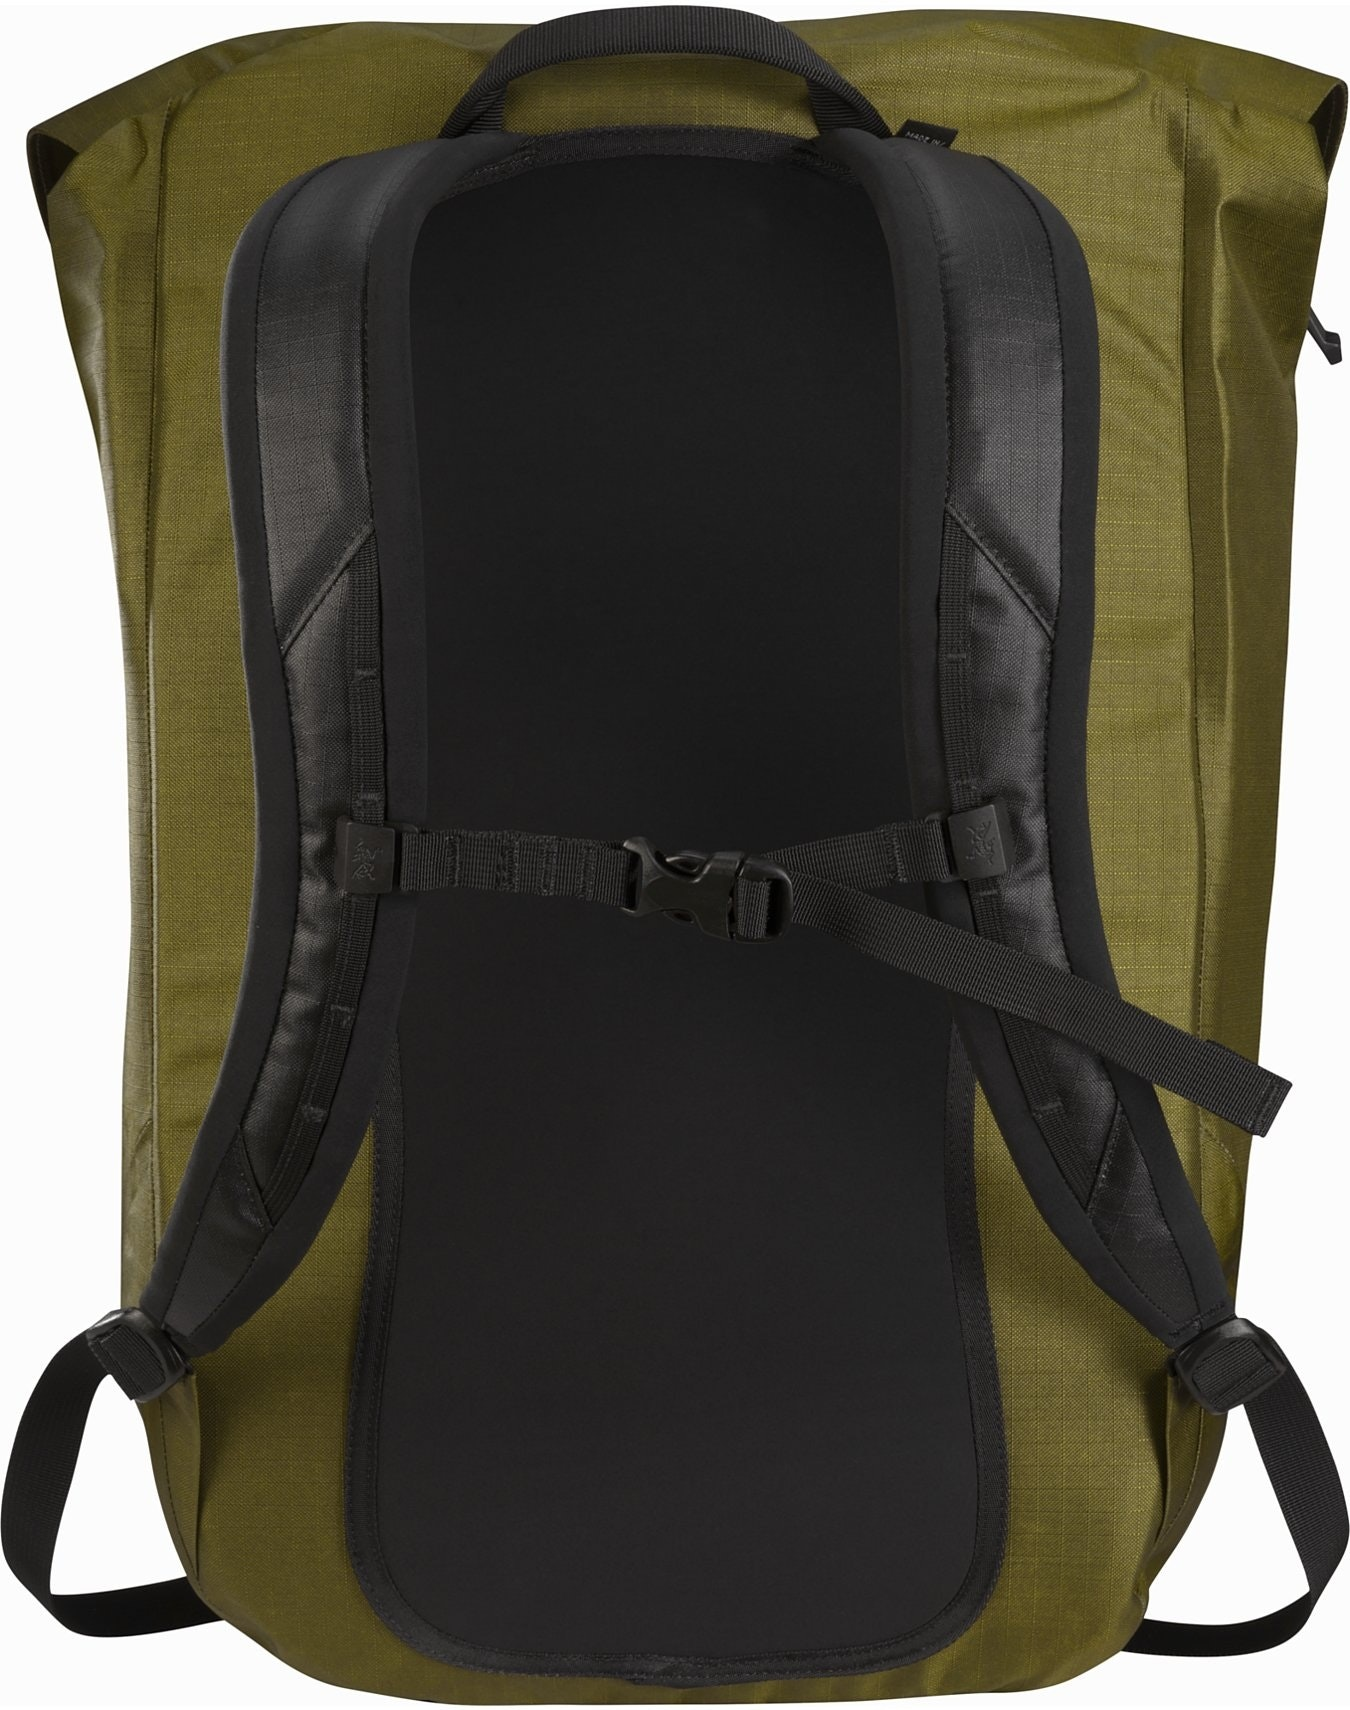 Granville 20 Backpack-5